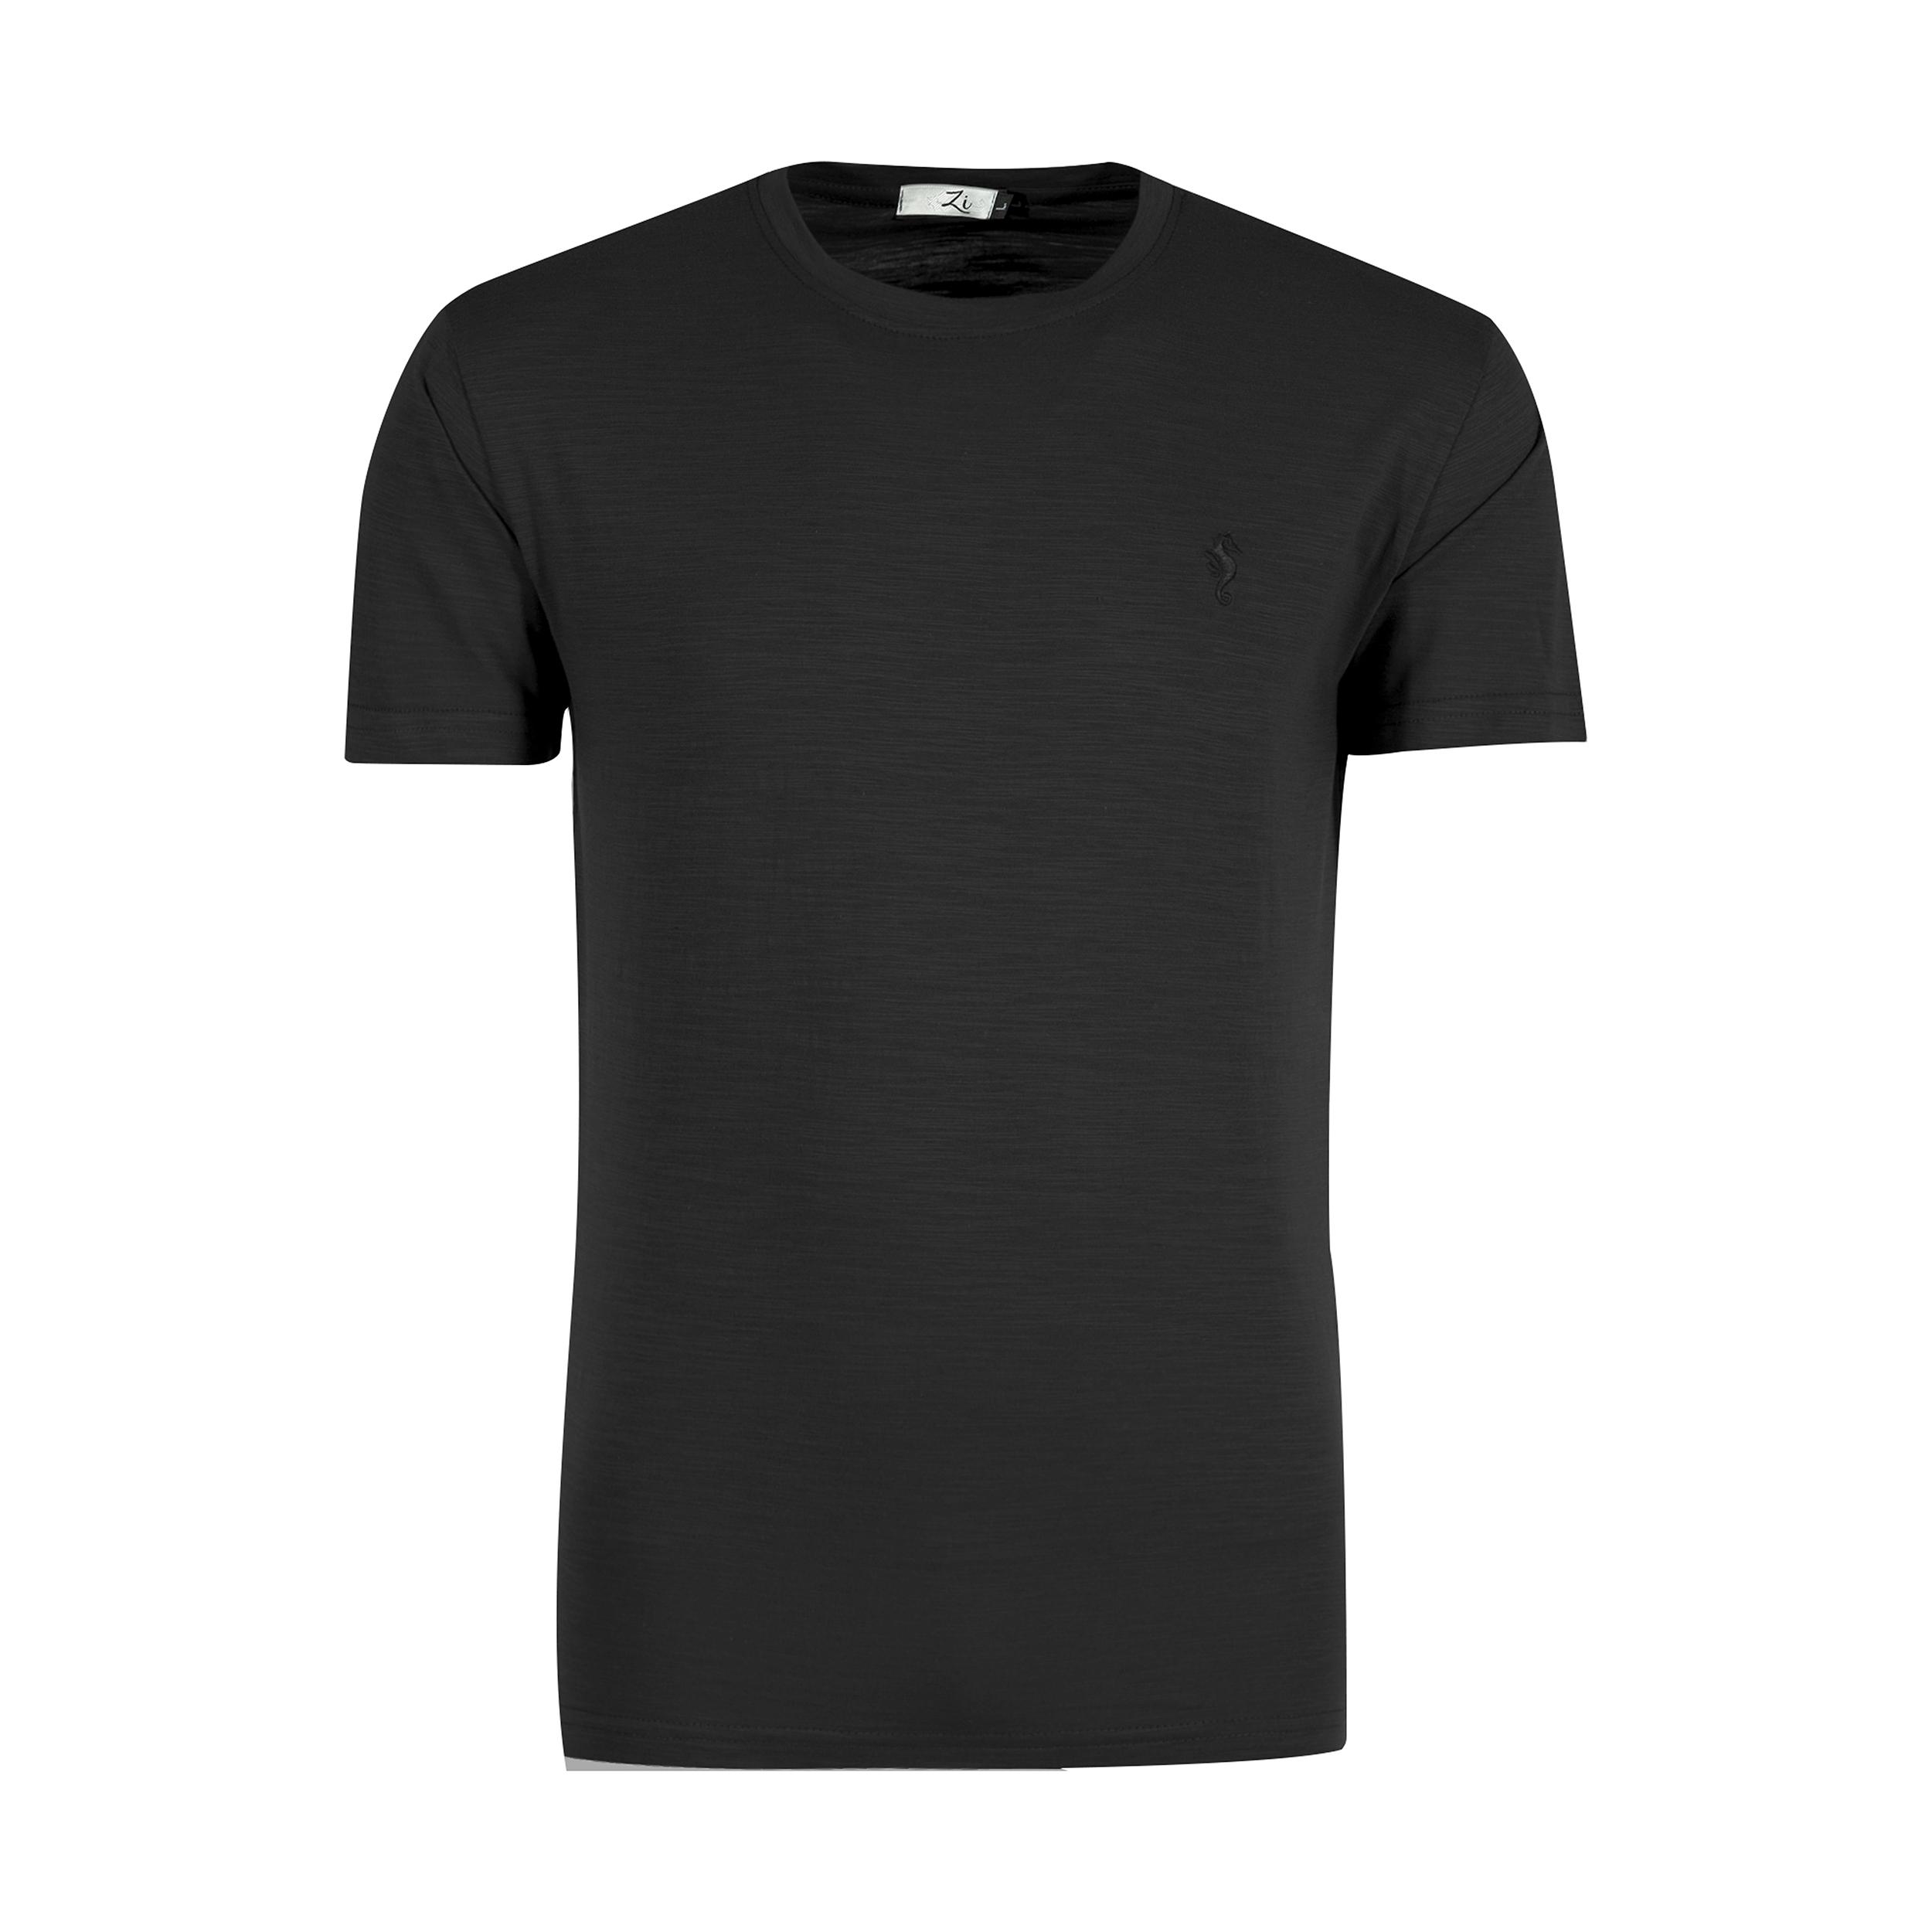 تی شرت مردانه زی مدل 153120199